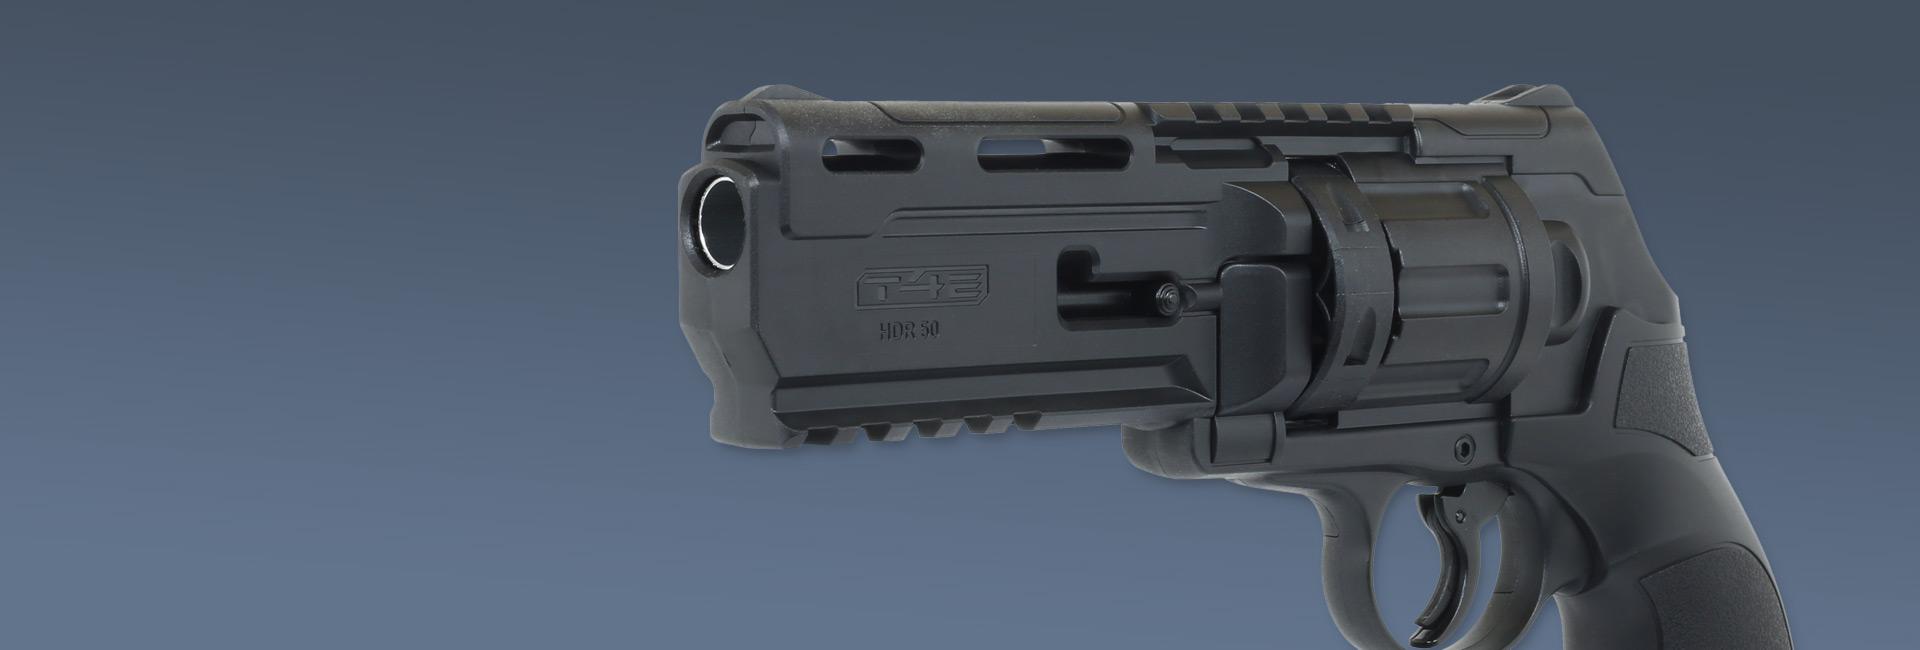 HDR50 RAM Revolver